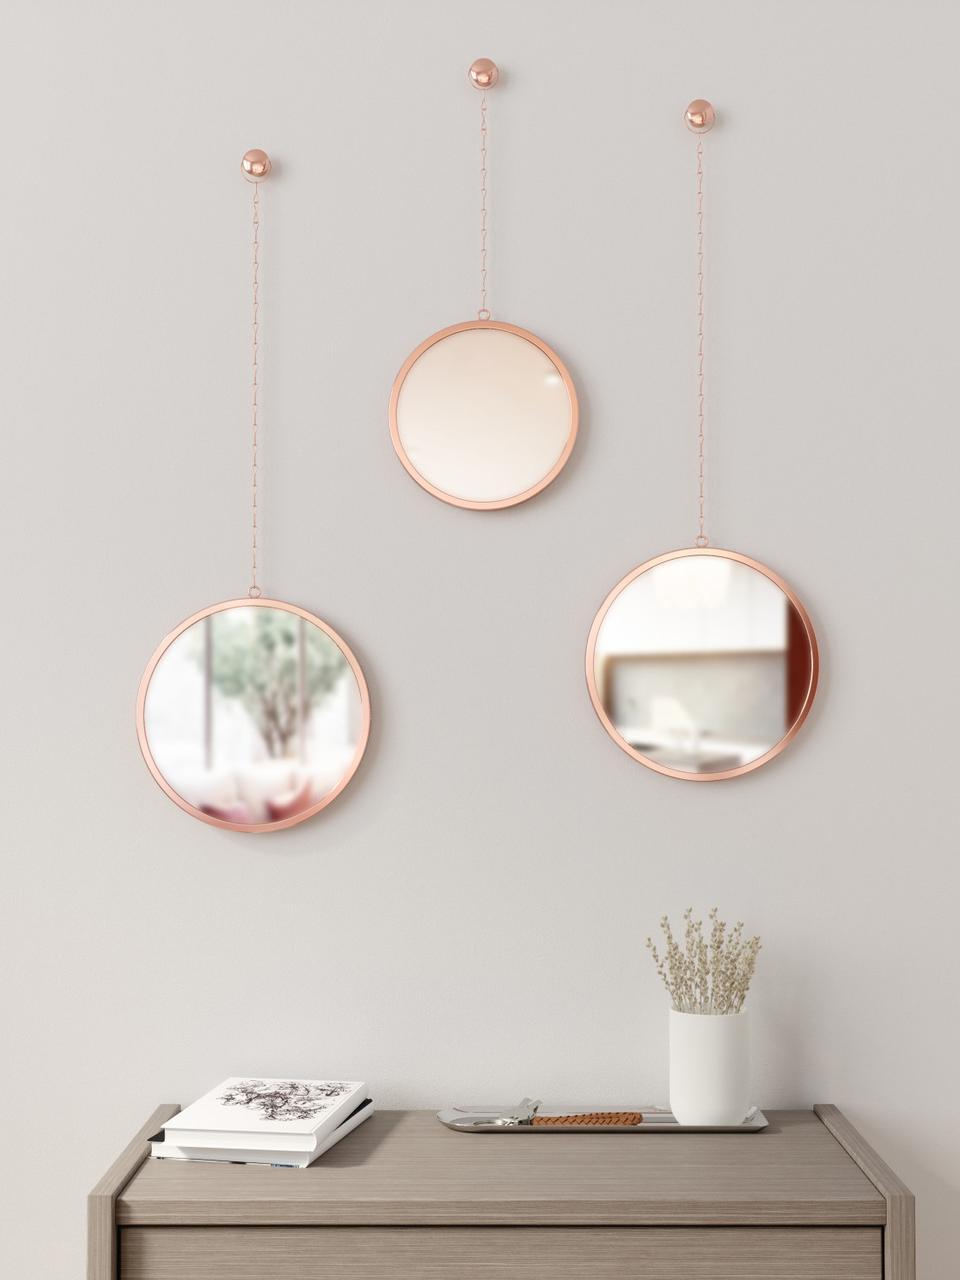 Wandspiegelset Dima, 3-delig, Frame: gecoat metaal, Koperkleurig, Set met verschillende formaten